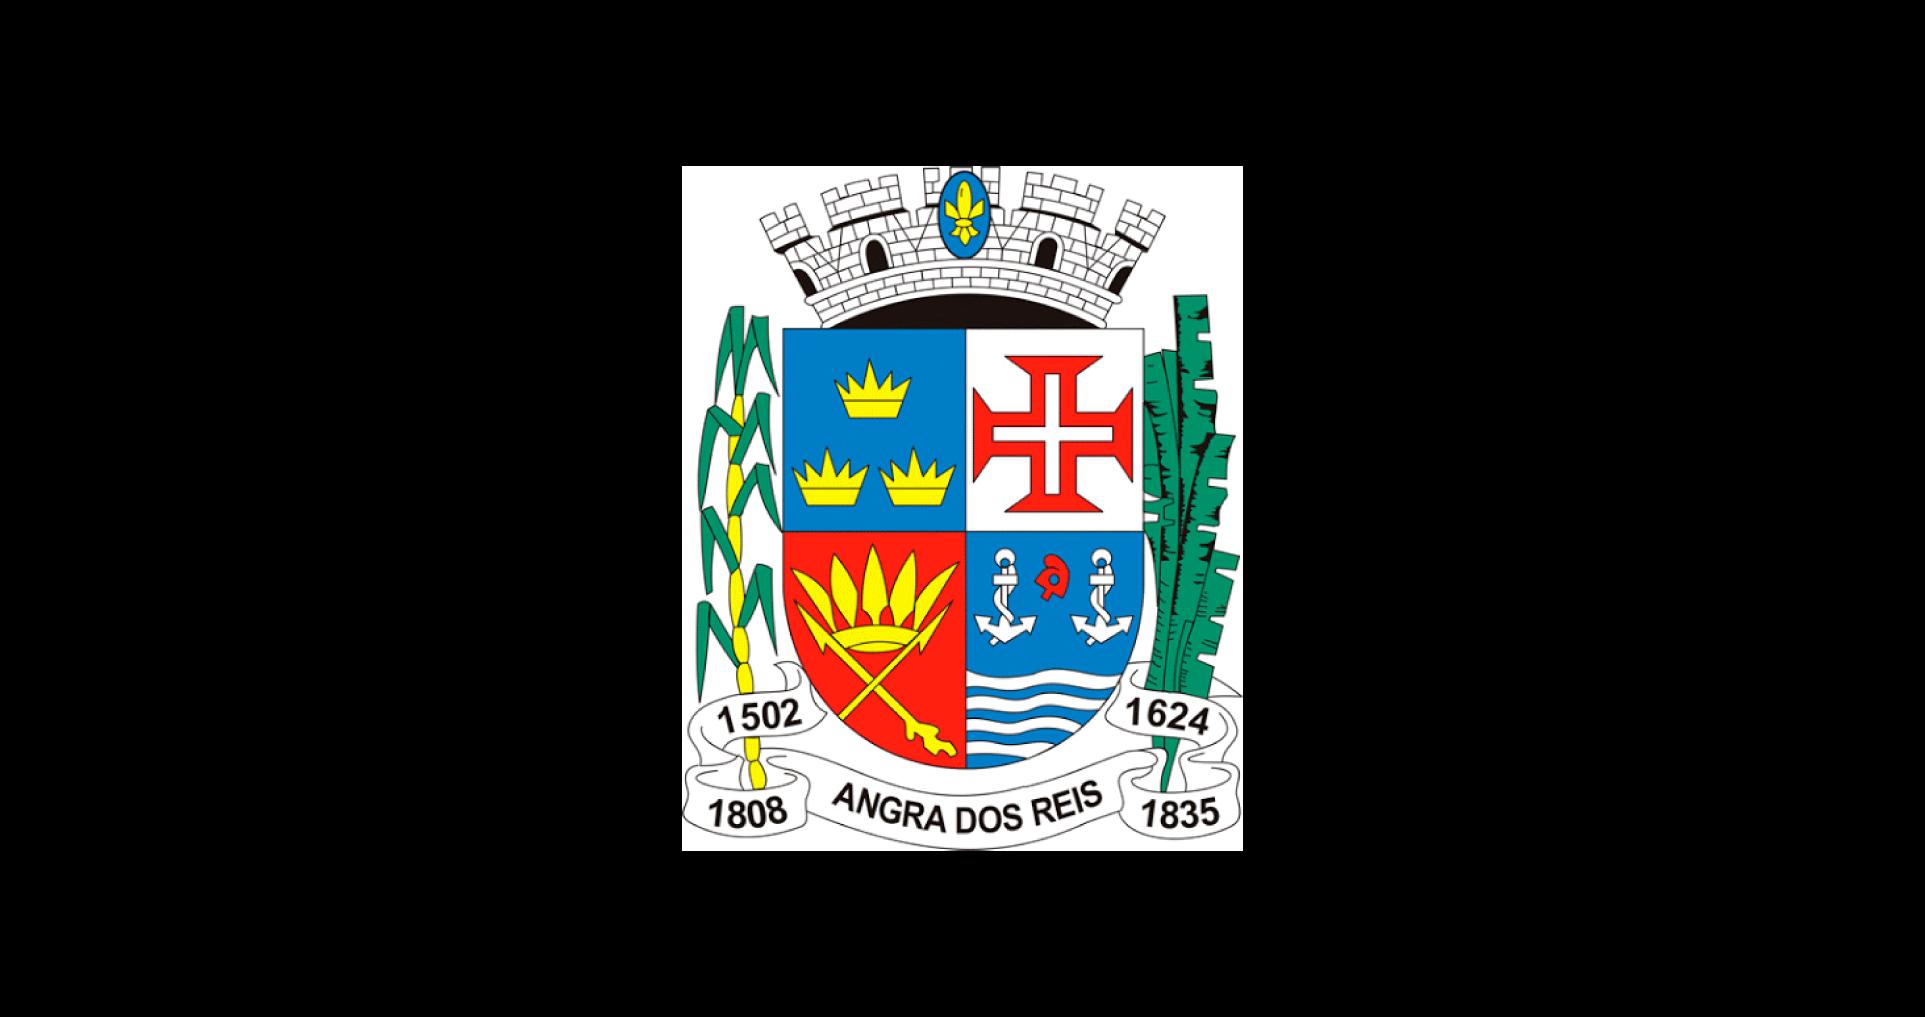 SECRETARIA DE DESENVOLVIMENTO SOCIAL DO MUNICÍPIO DE ANGRA DOS REIS